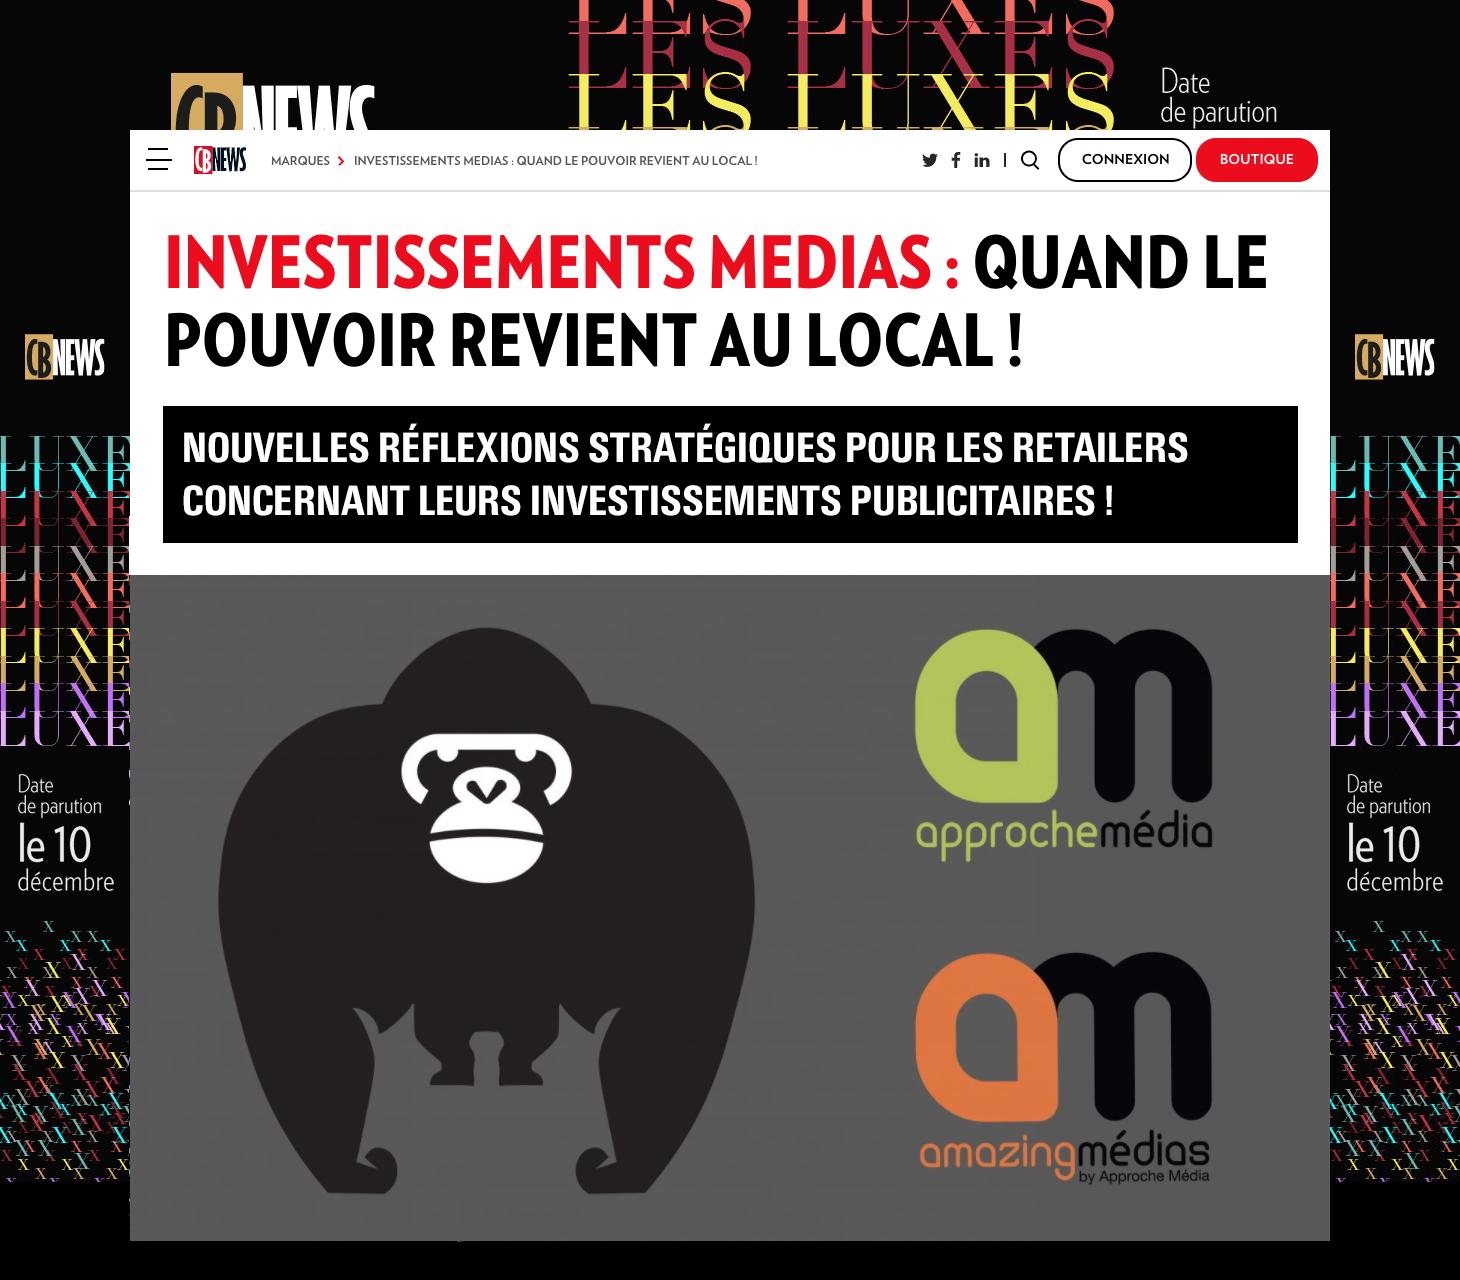 INVESTISSEMENTS MEDIAS:  QUAND LE POUVOIR REVIENT AU LOCAL!